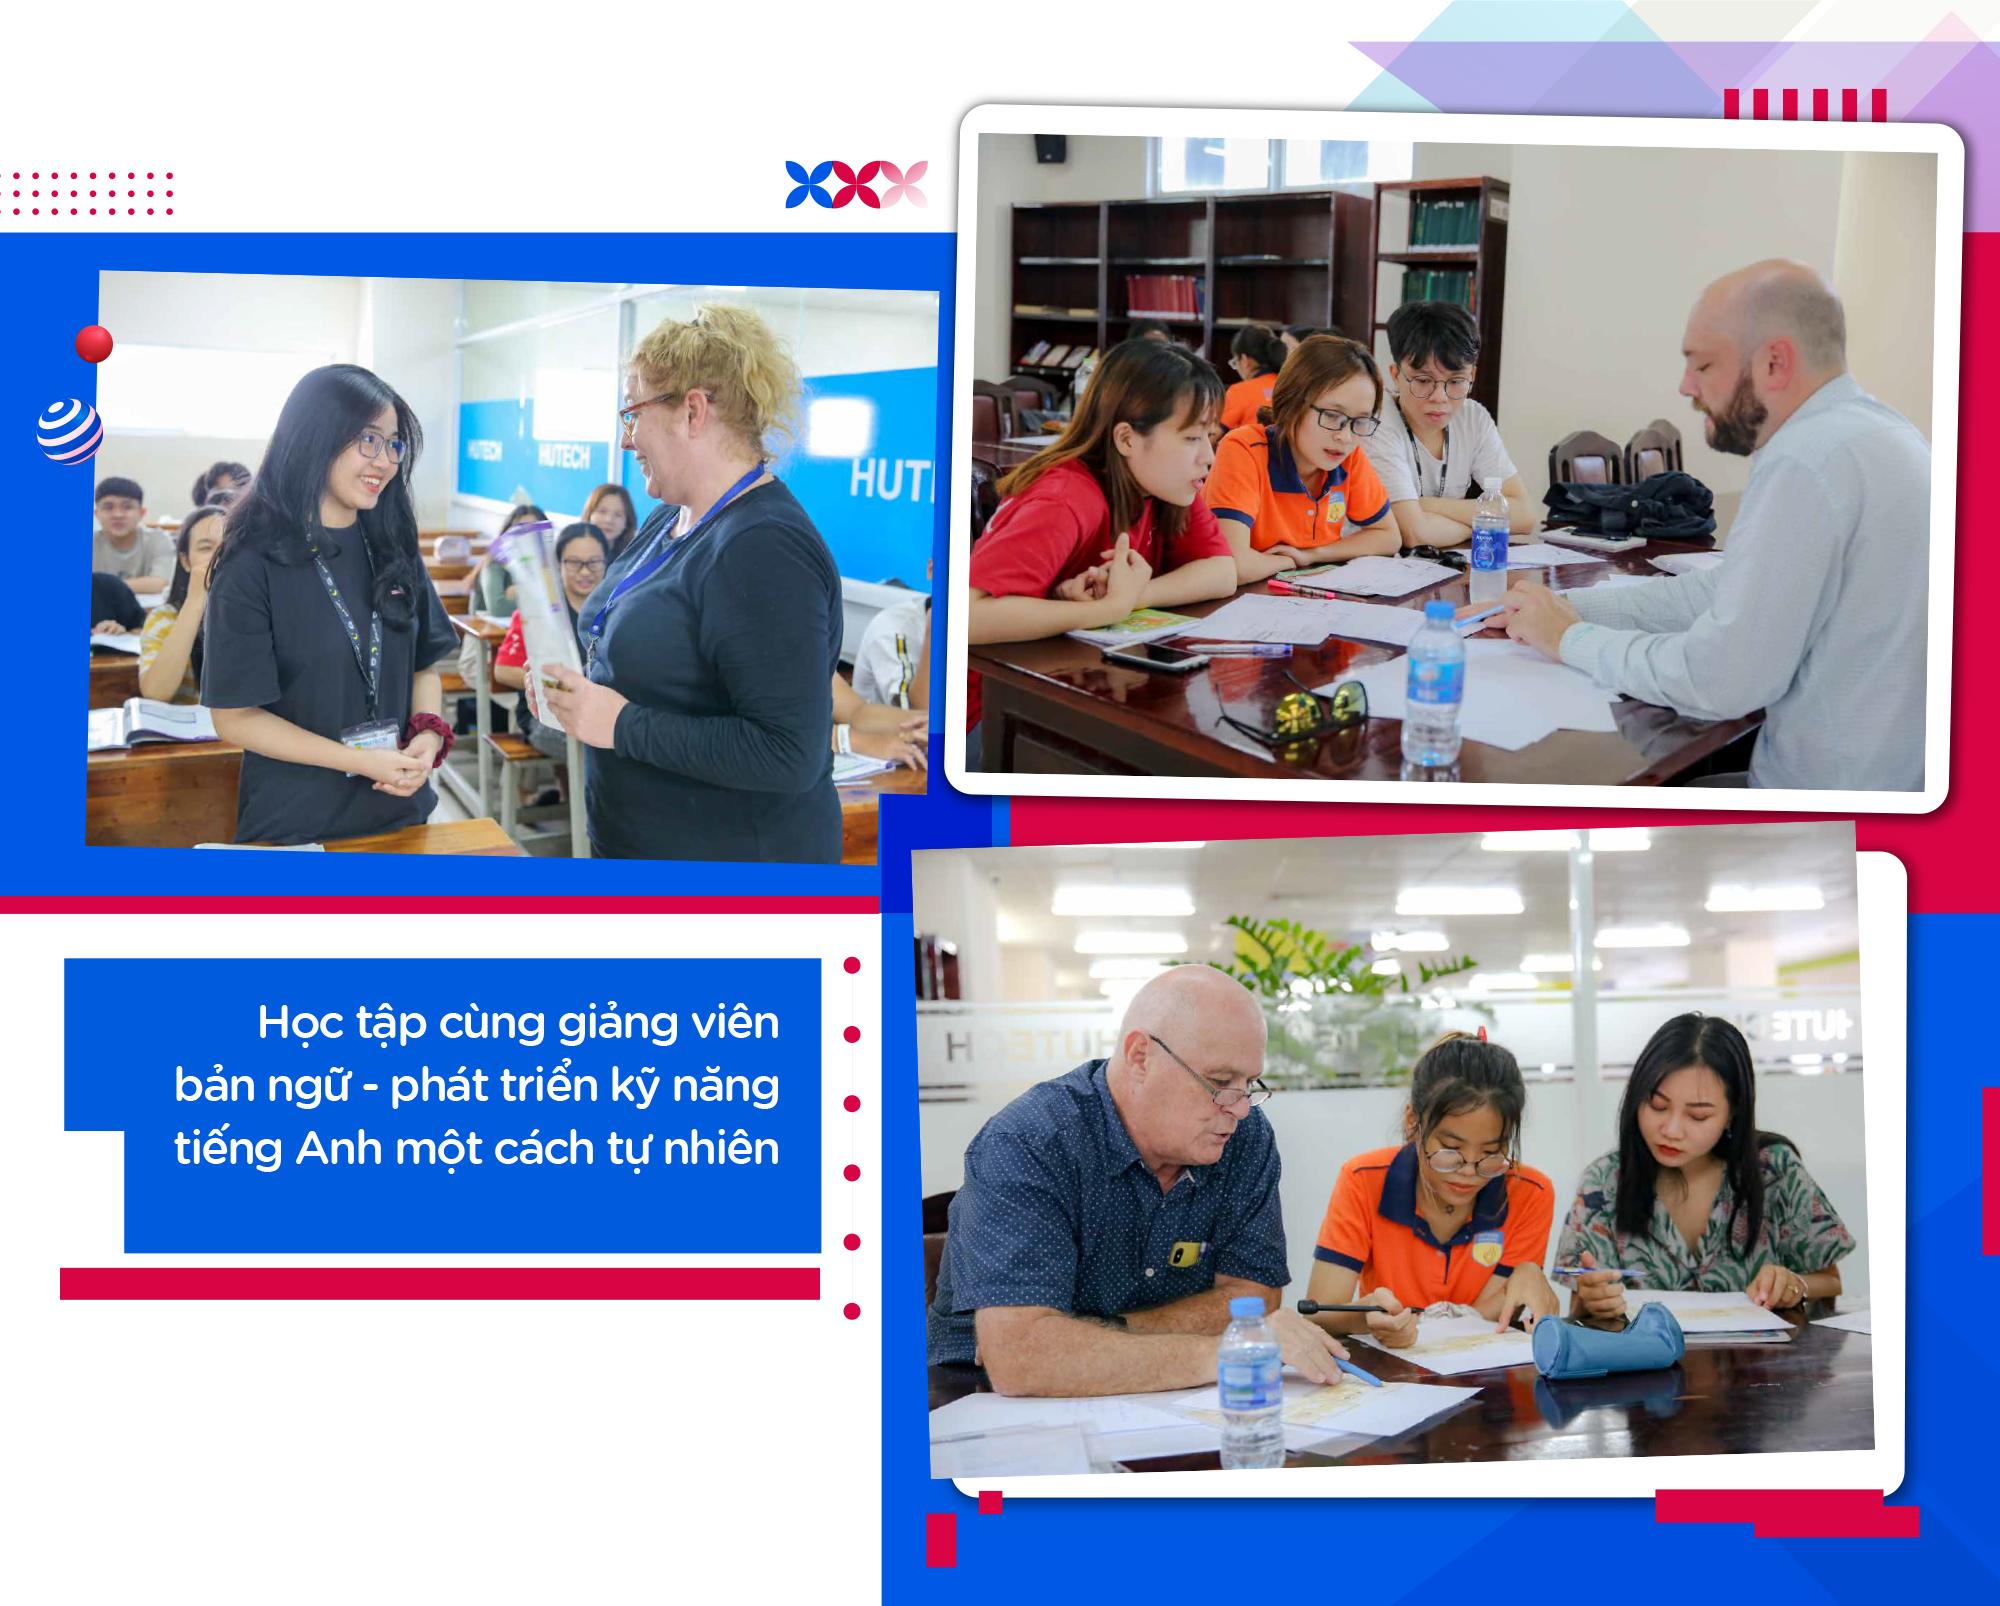 Học ngành ngôn ngữ Anh - Chọn giảng đường hội nhập - Tự tin với ngôn ngữ toàn cầu - Ảnh 3.